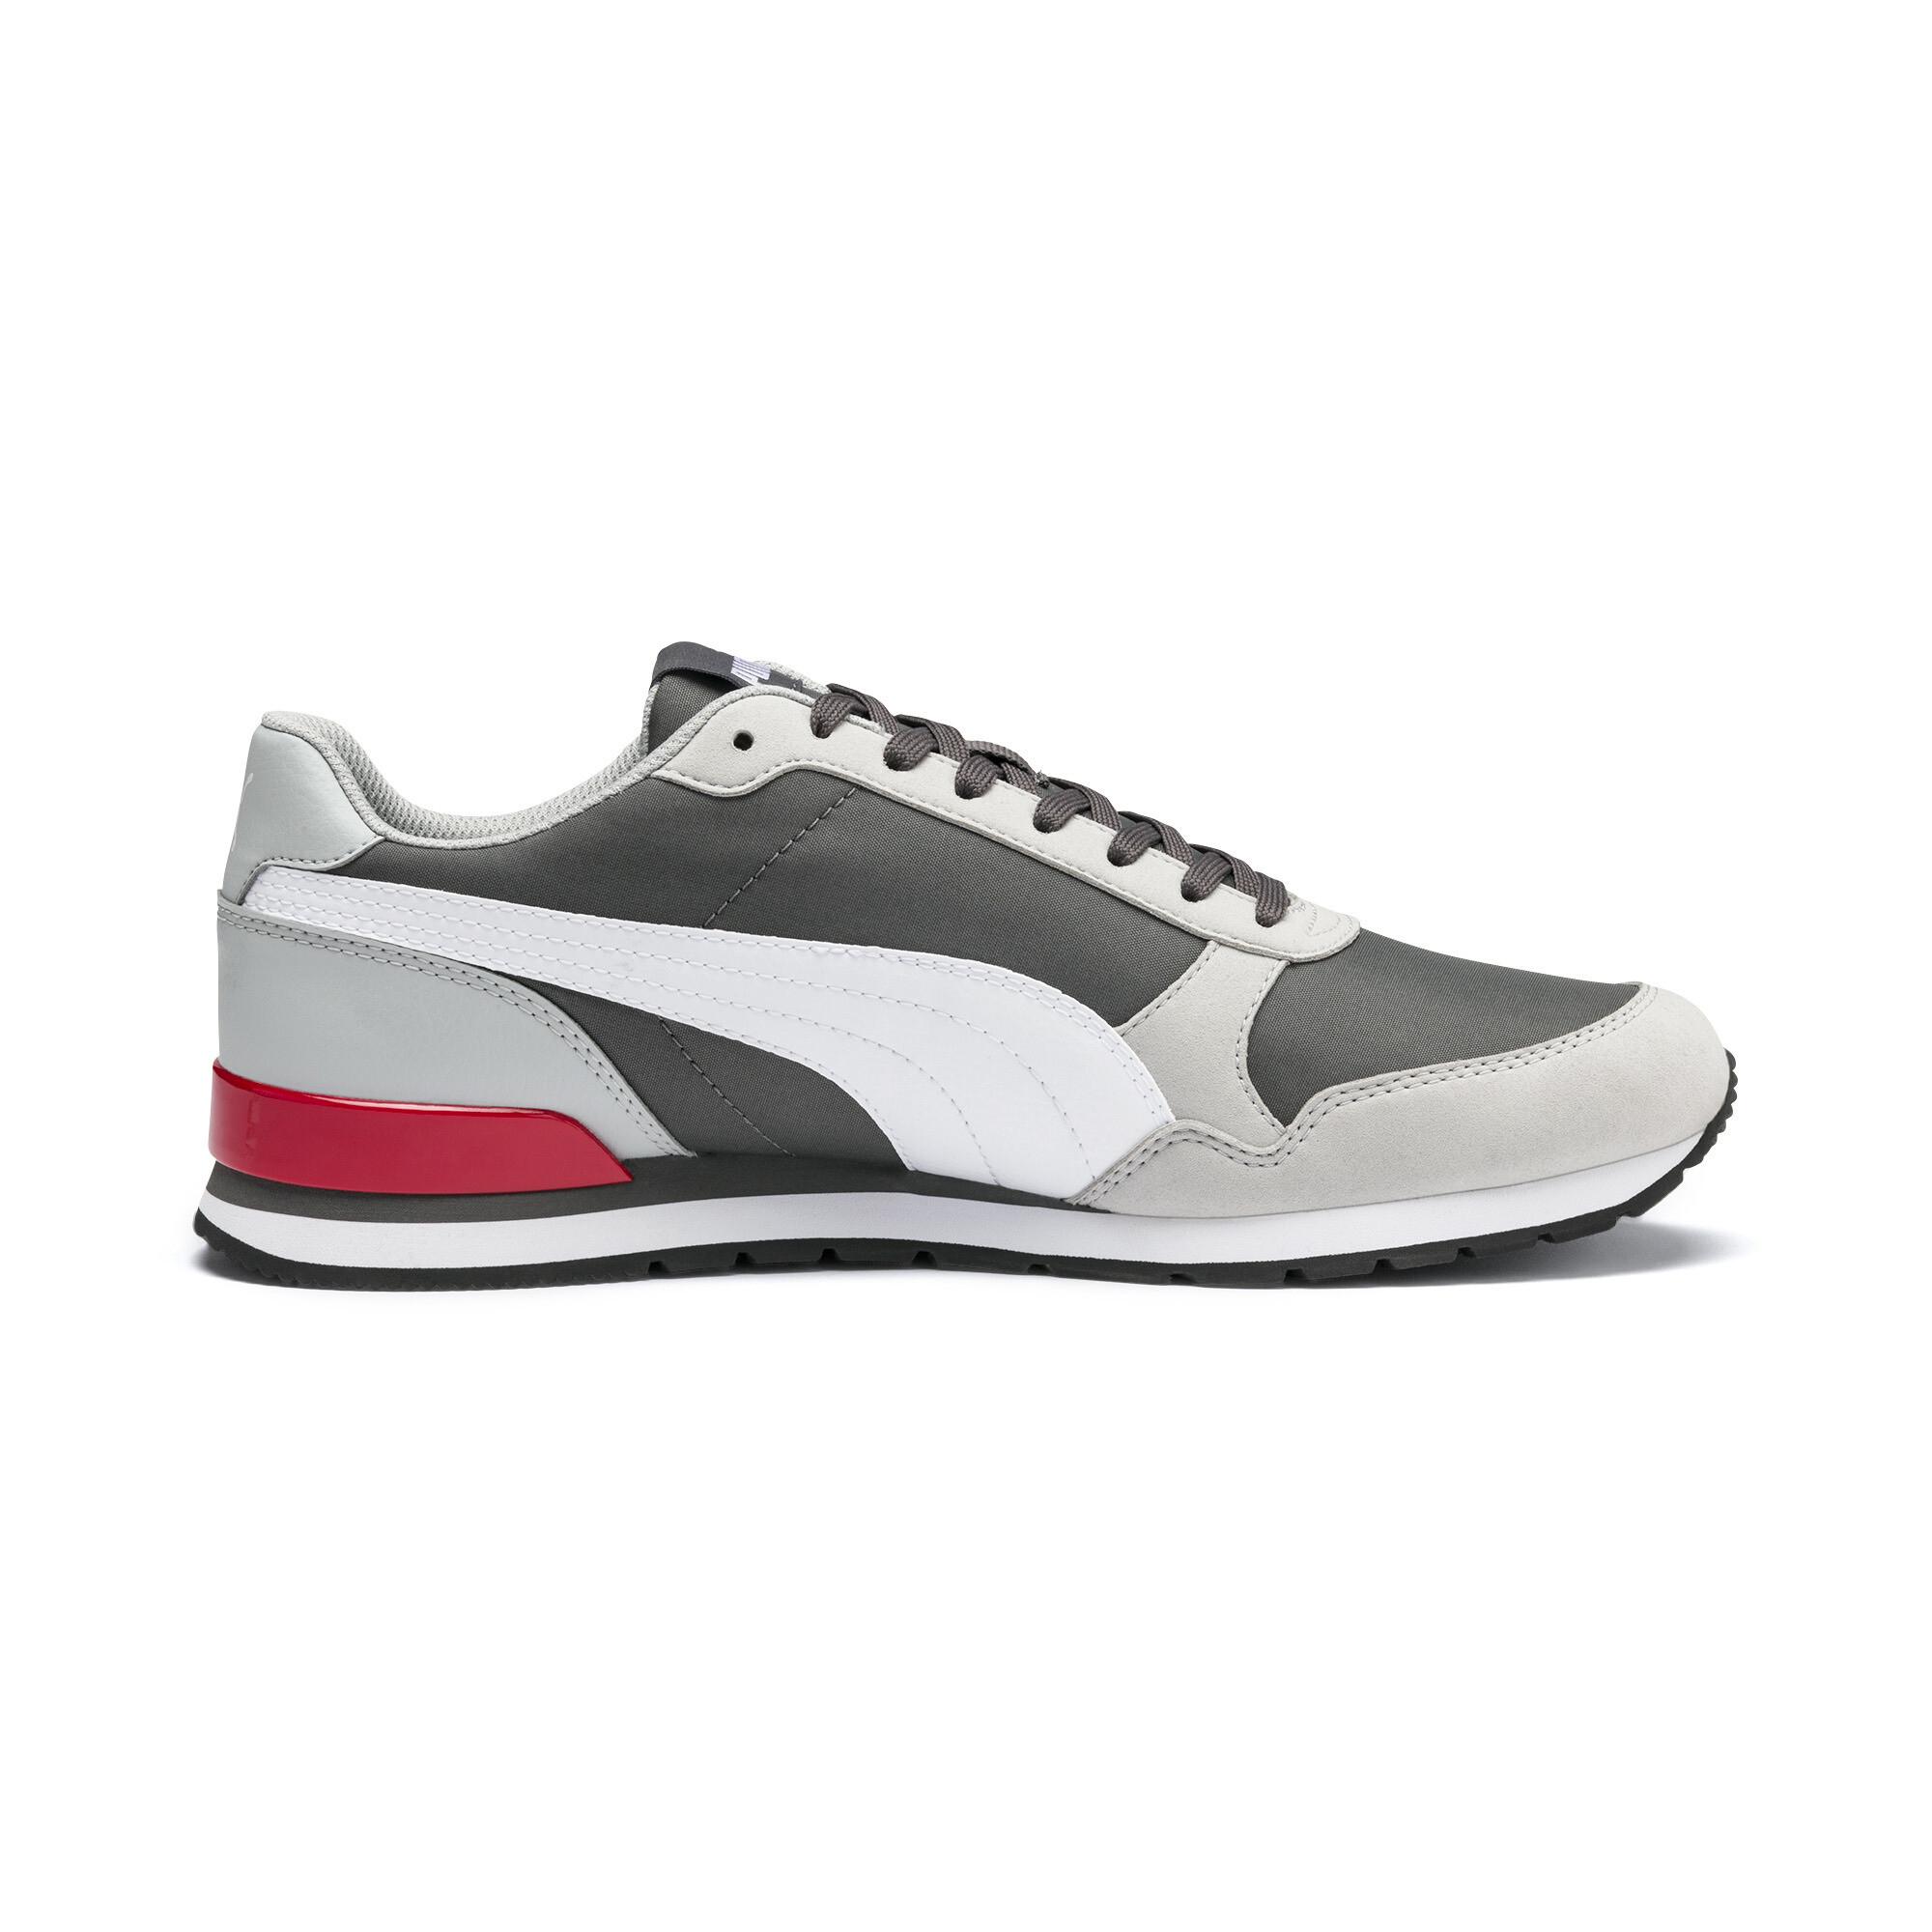 Puma-ST-Runner-v2-Para-hombre-Zapatos-para-hombre-Basics miniatura 7